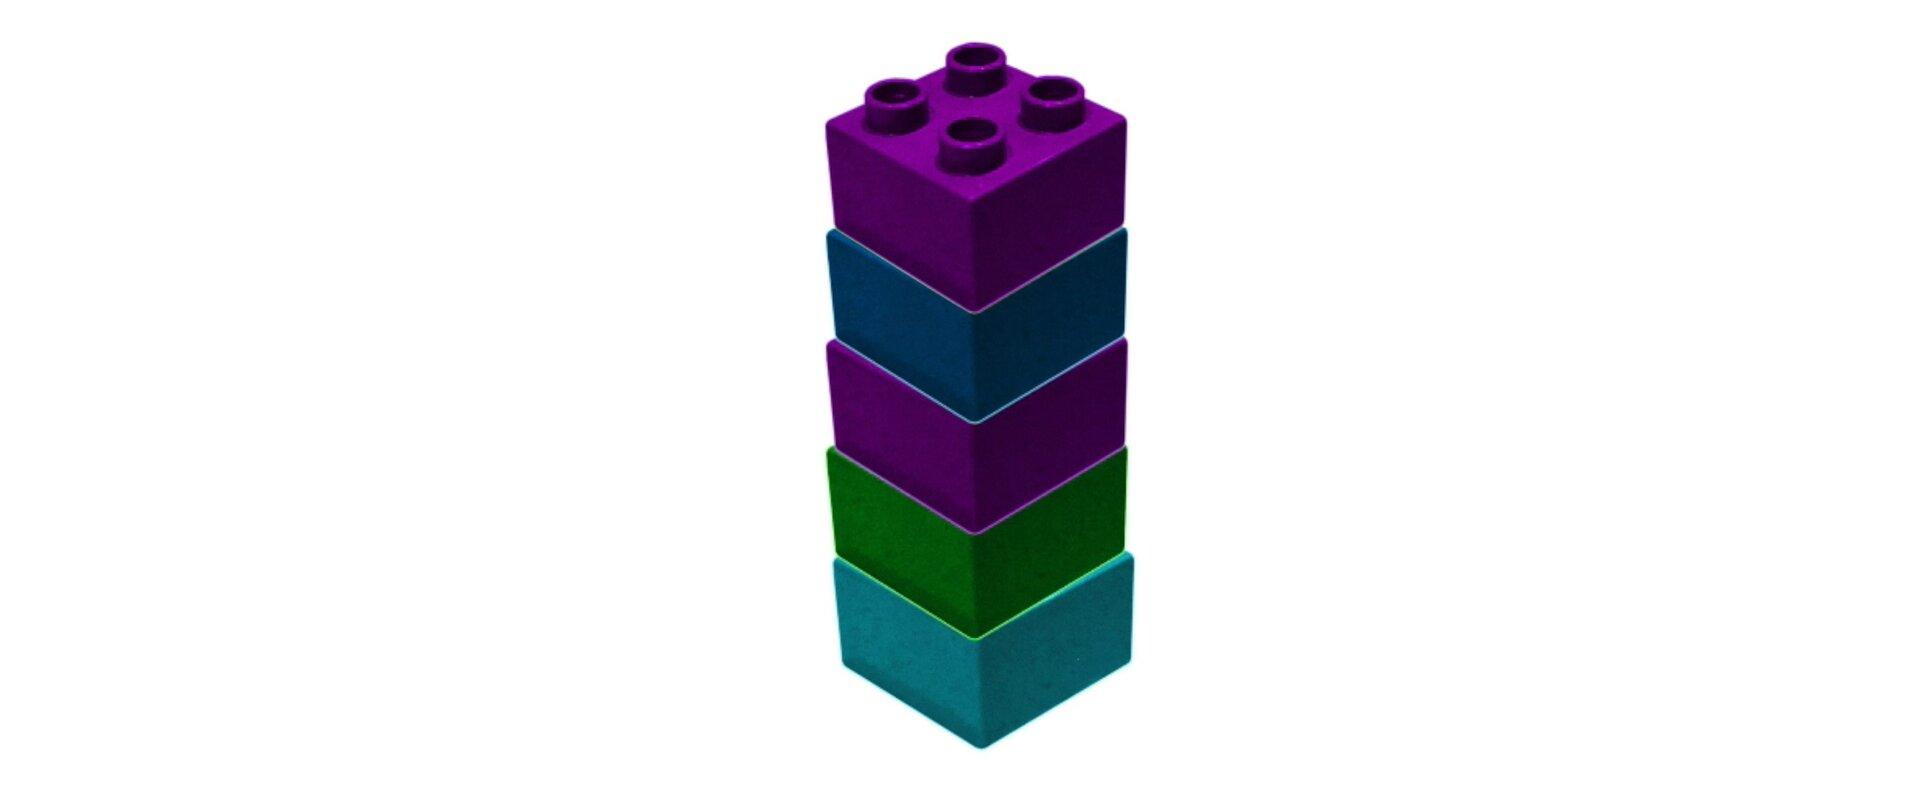 Rysunek wieży zbudowanej zpięciu jednakowych klocków.